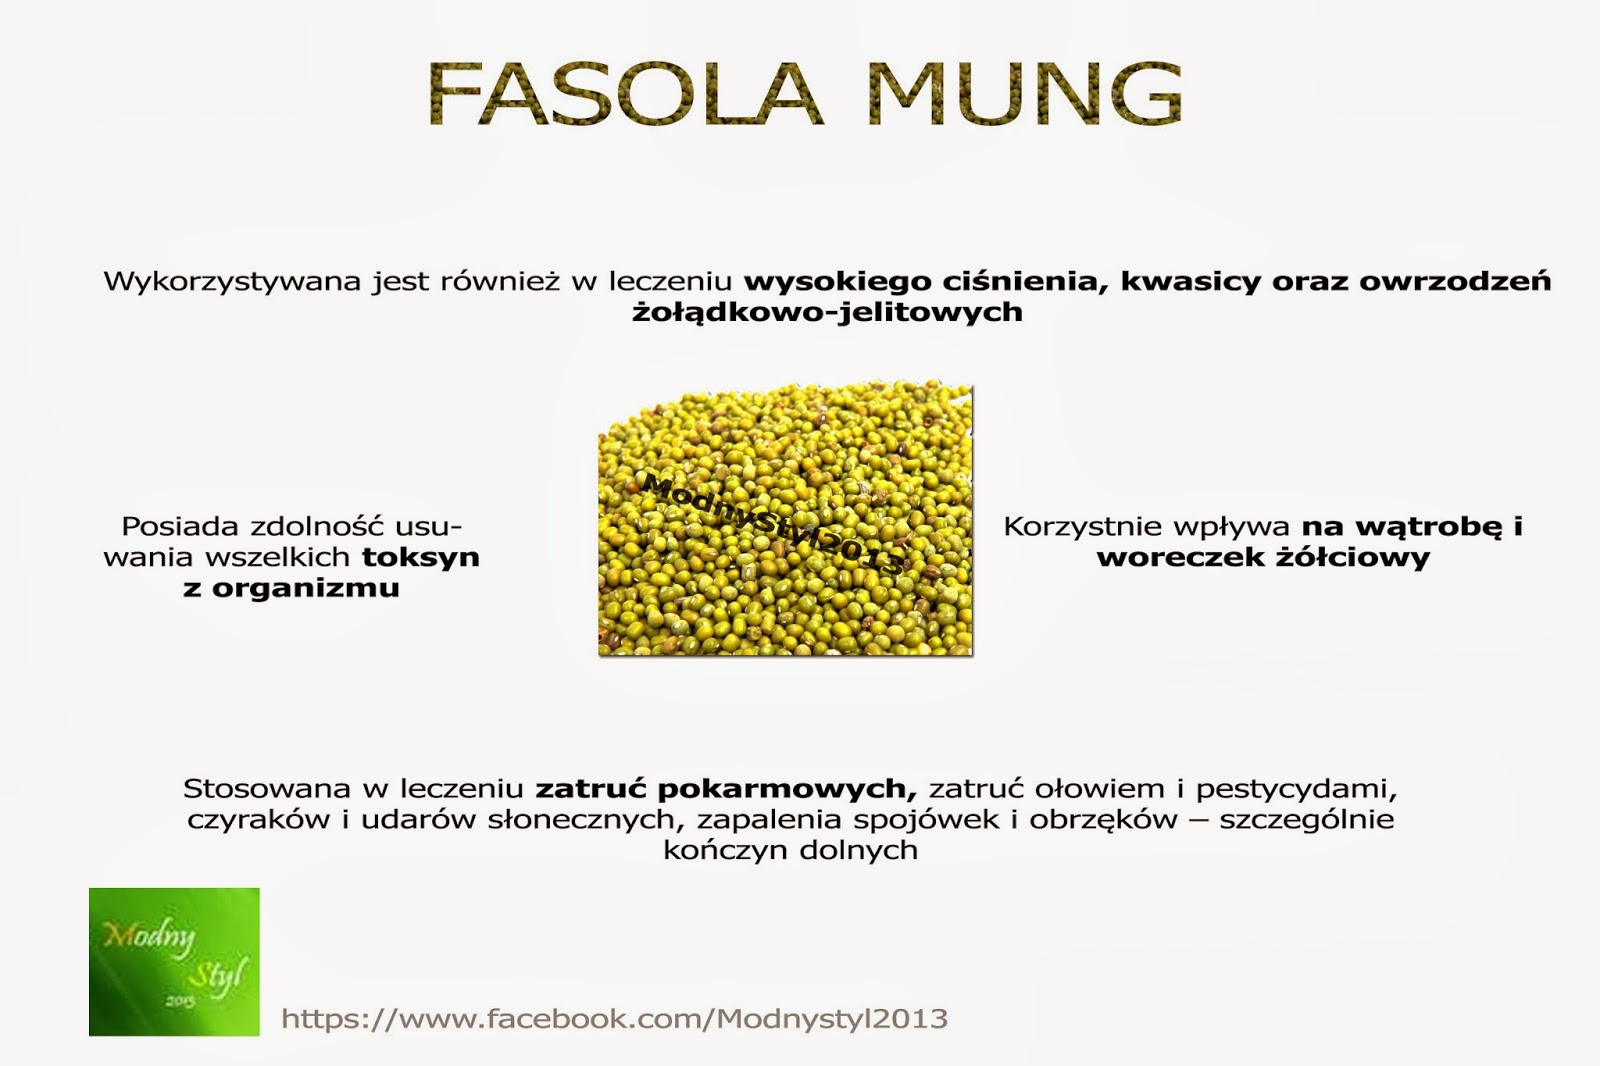 Fasola Mung